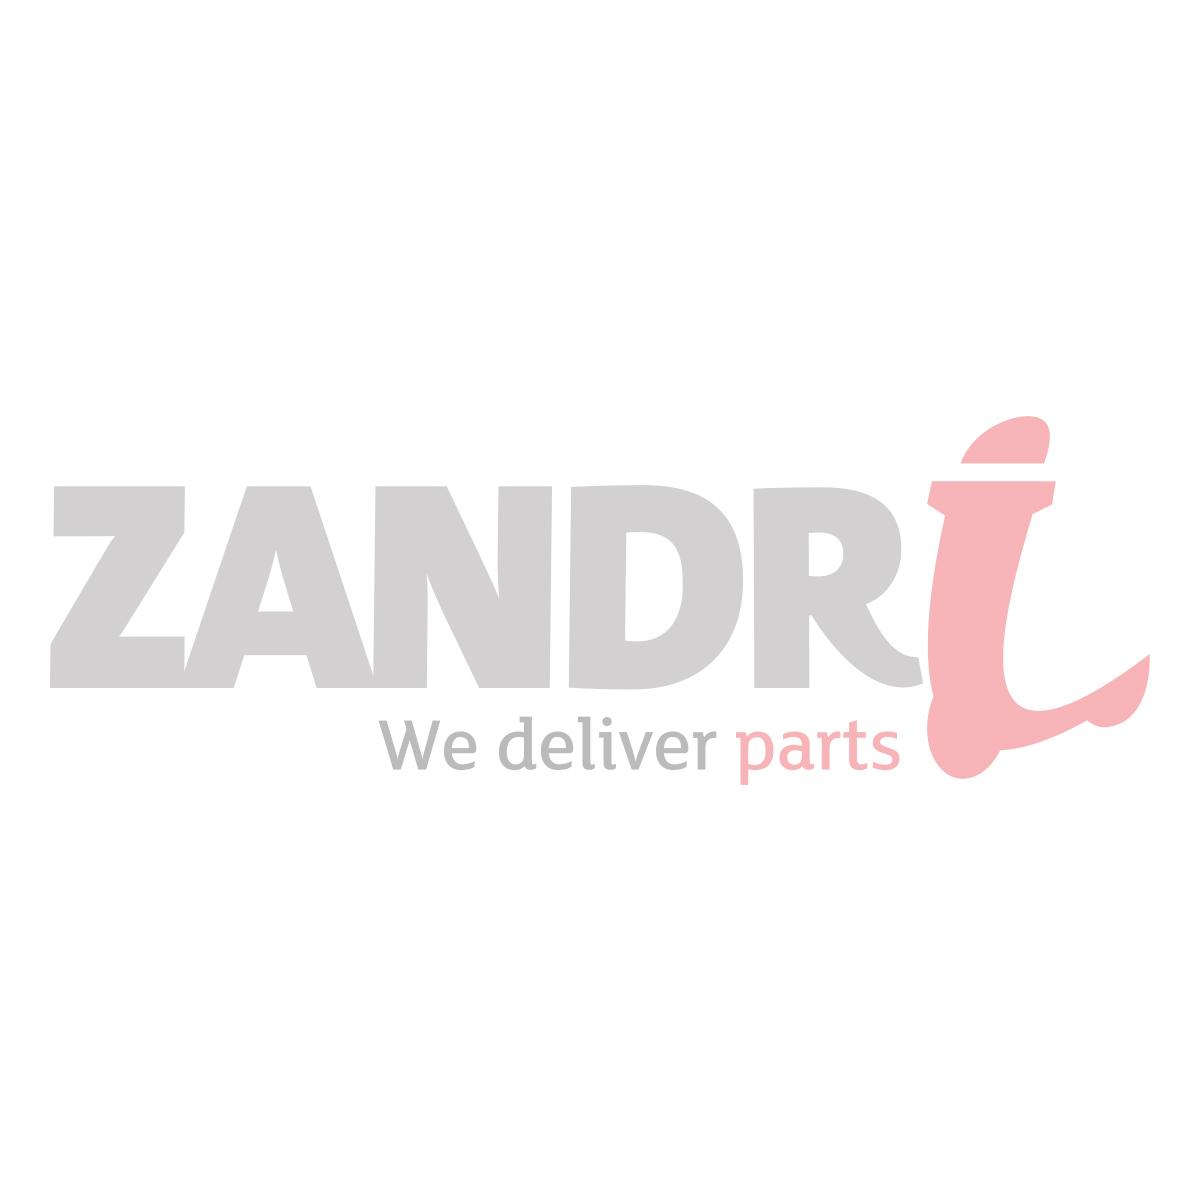 tapeind cilinder dt-mx/fs1/min vert/rd-mx/sco pia2t/typ m6x120mm